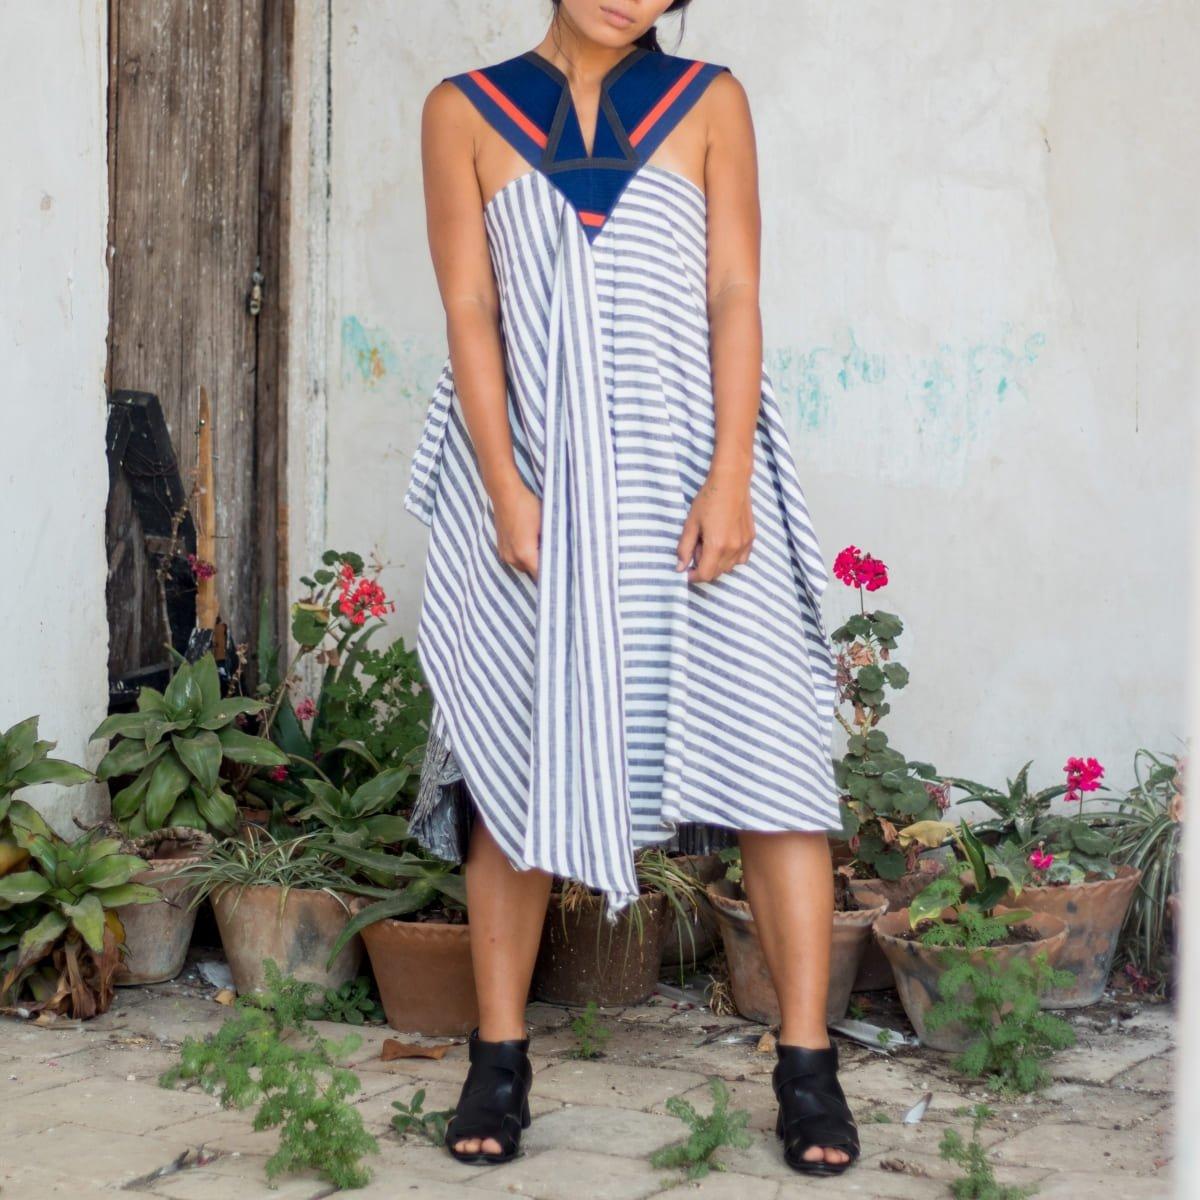 Zacatecas Dress 5